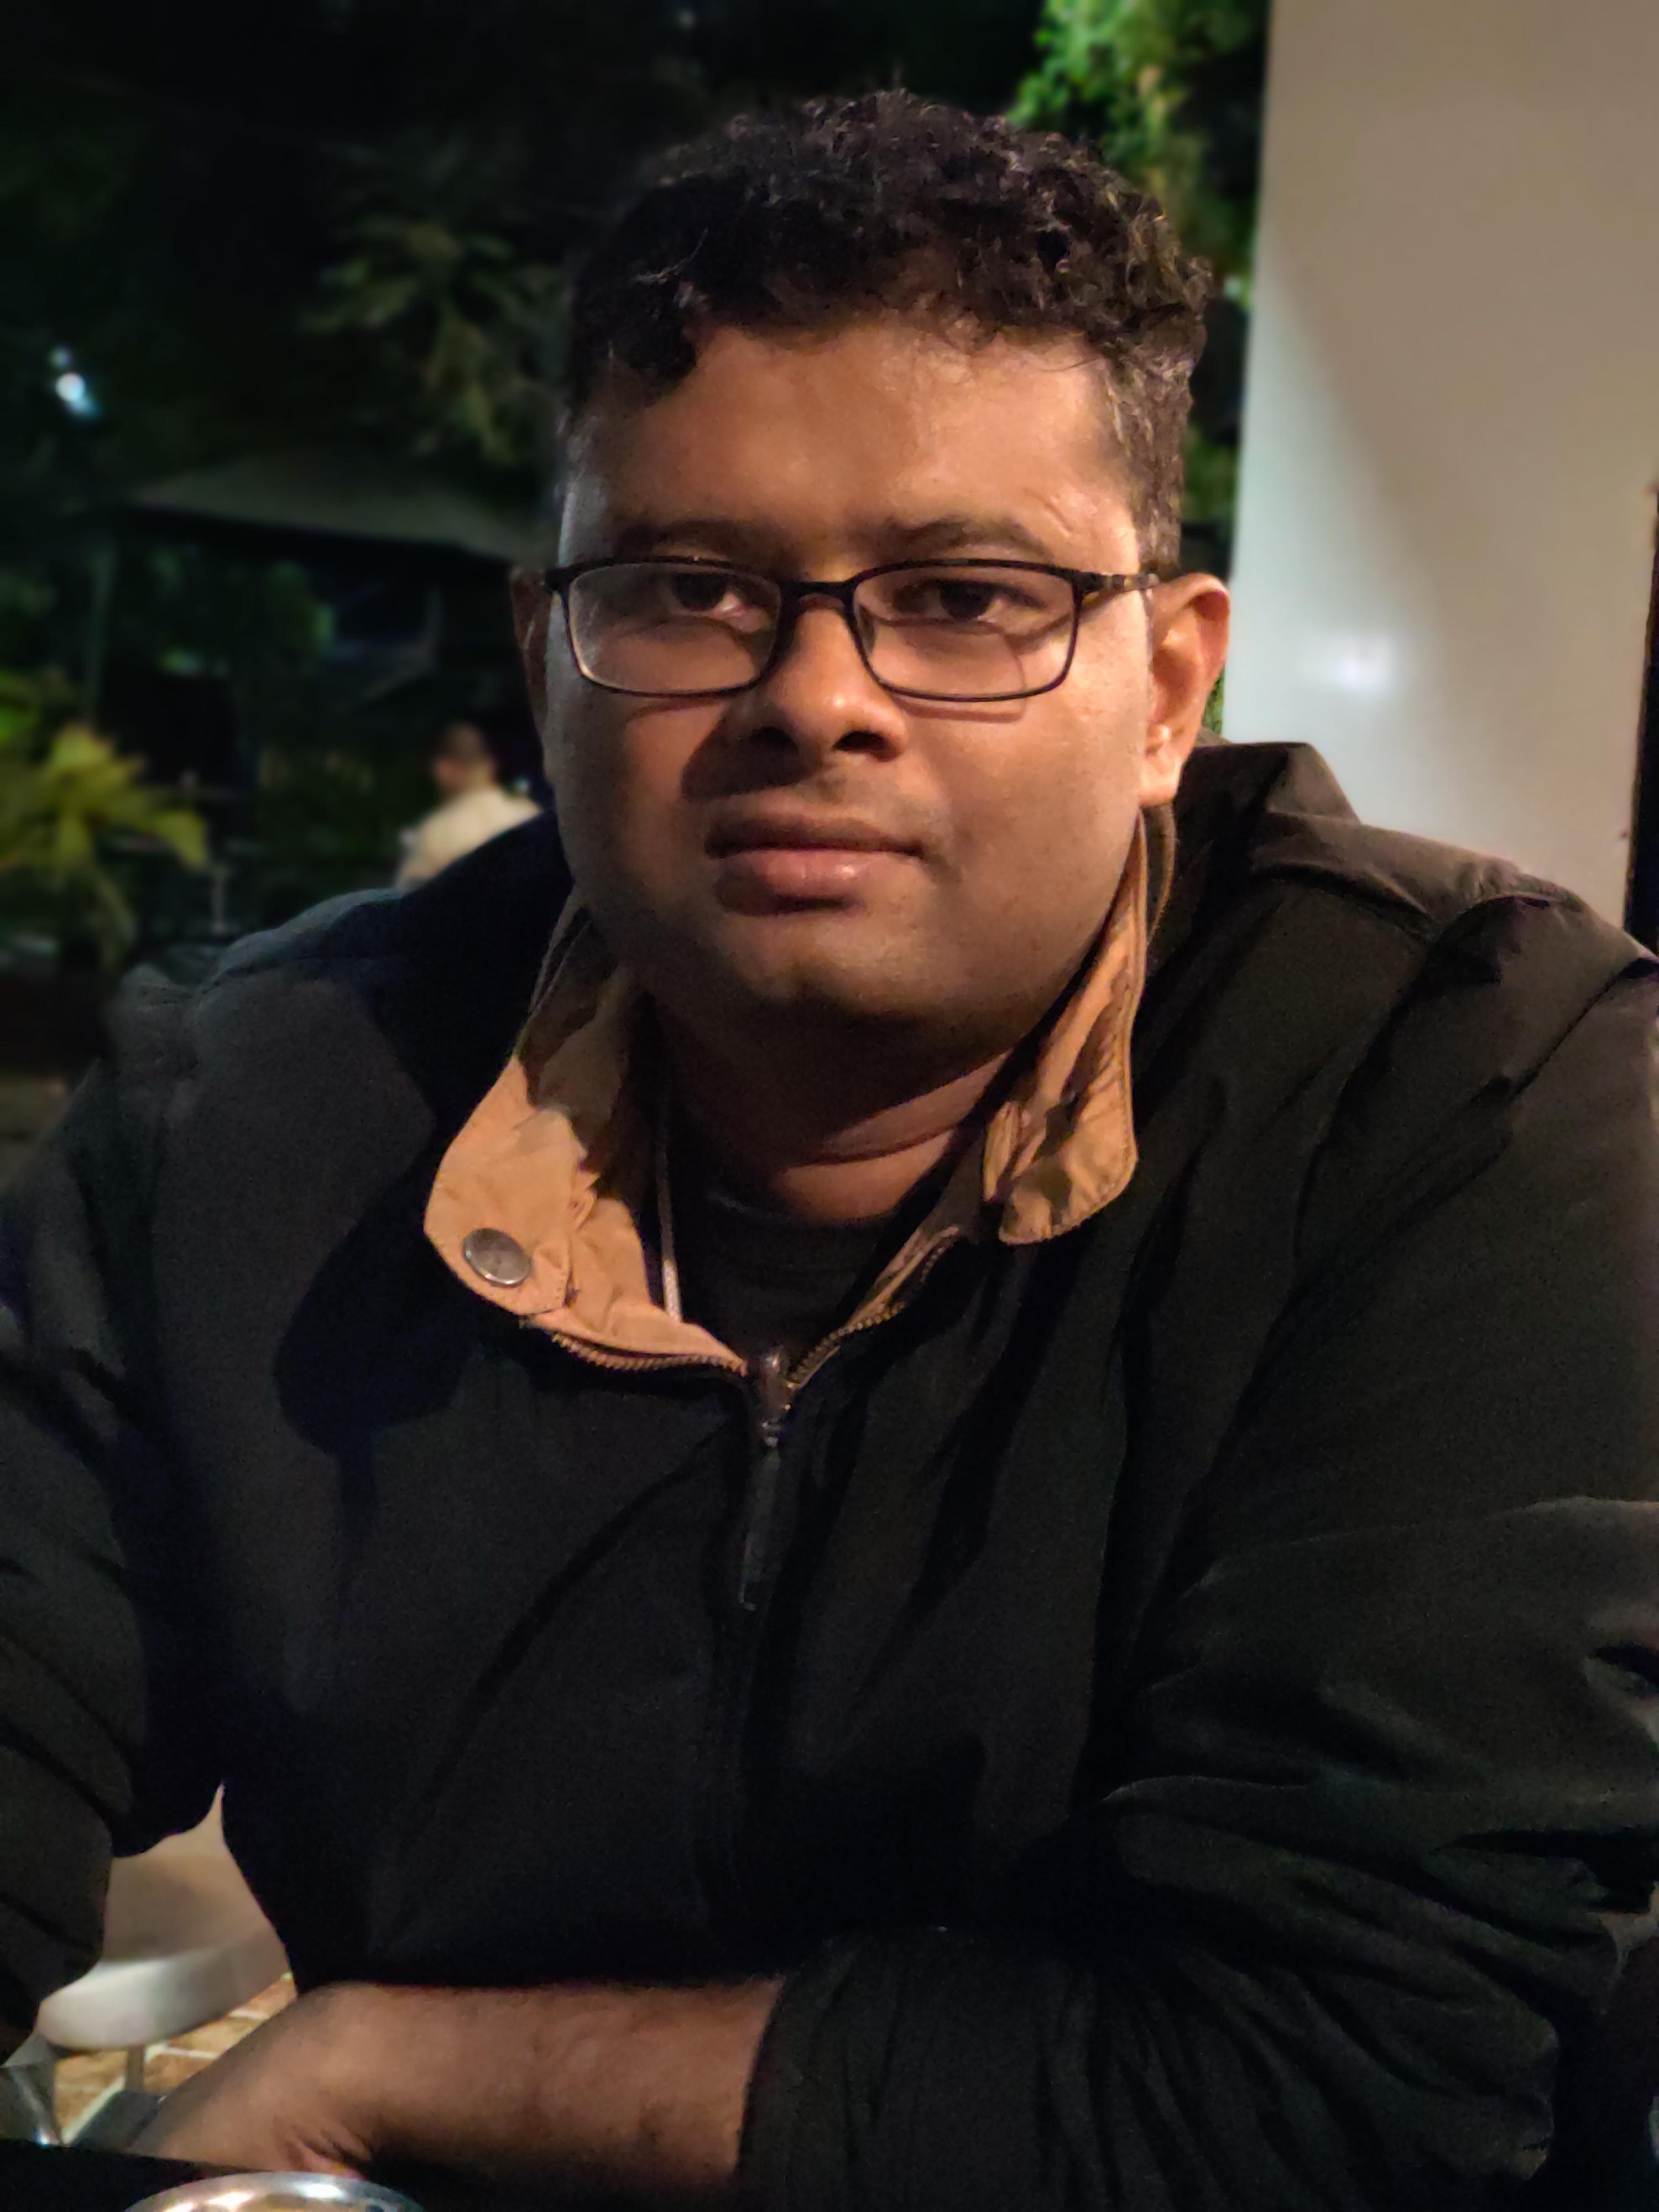 Vishal Balwatkar